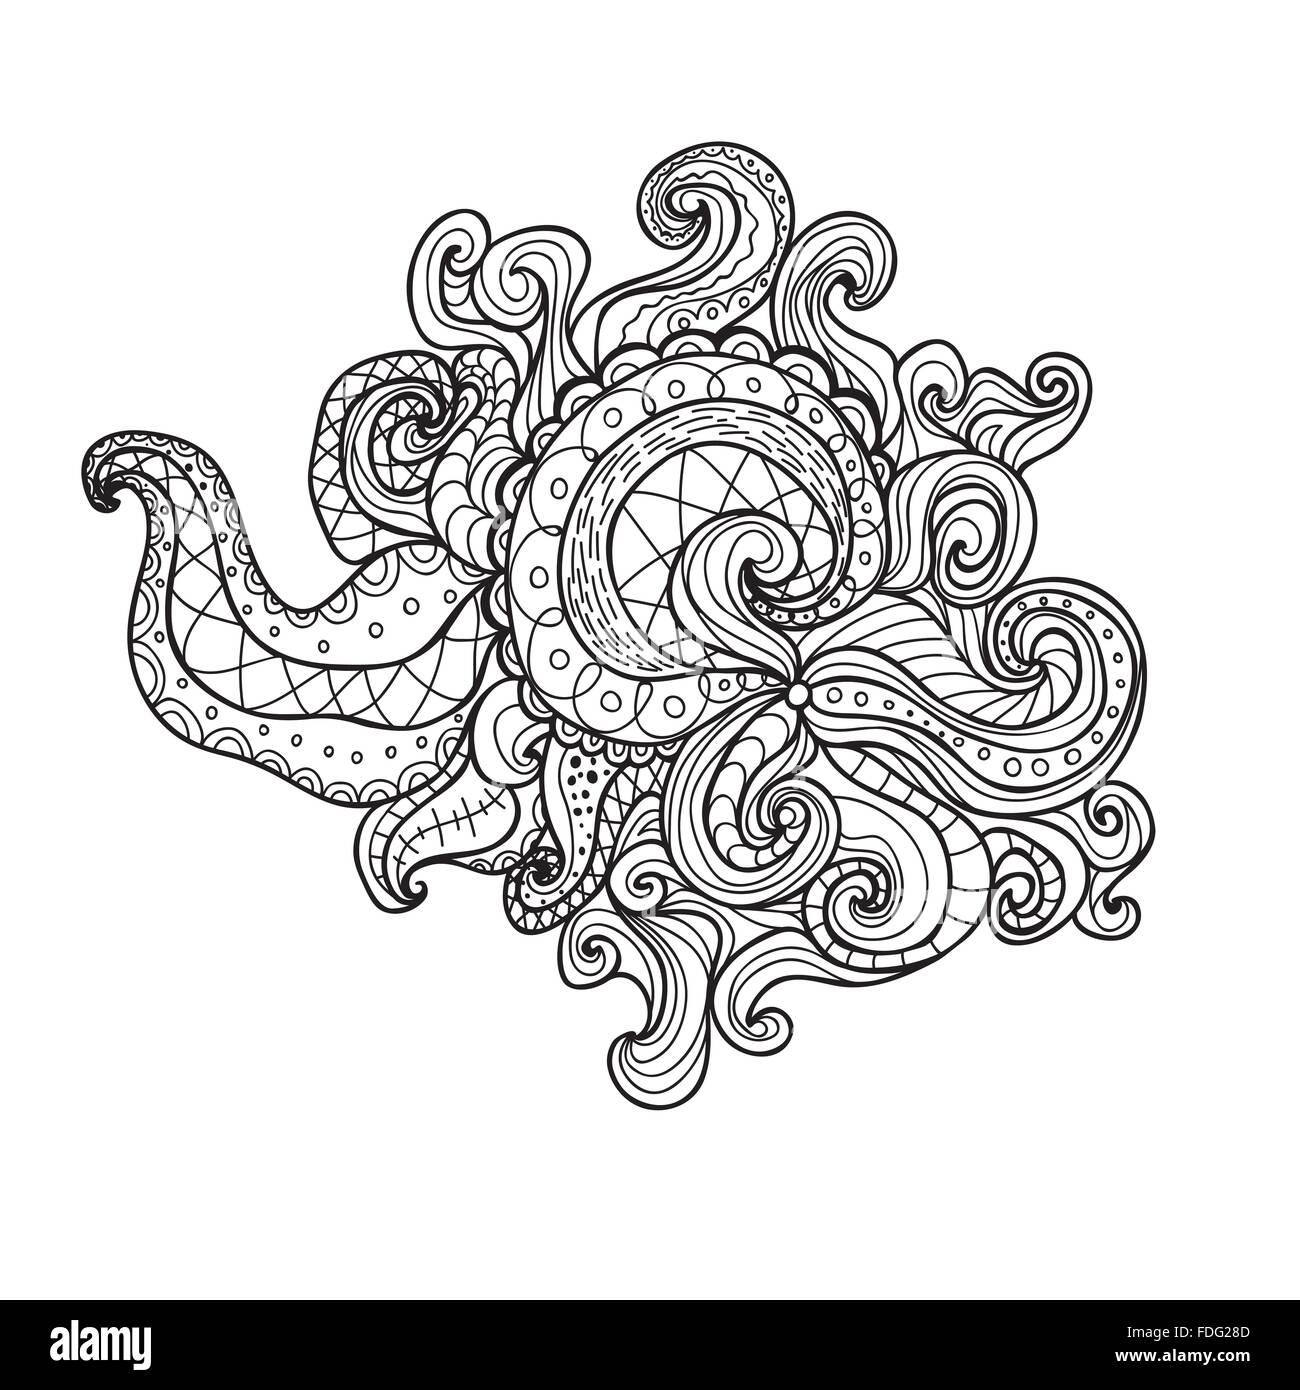 Spirale Doodle Vektorgrafik. Malbuch für Erwachsene und Kinder ...